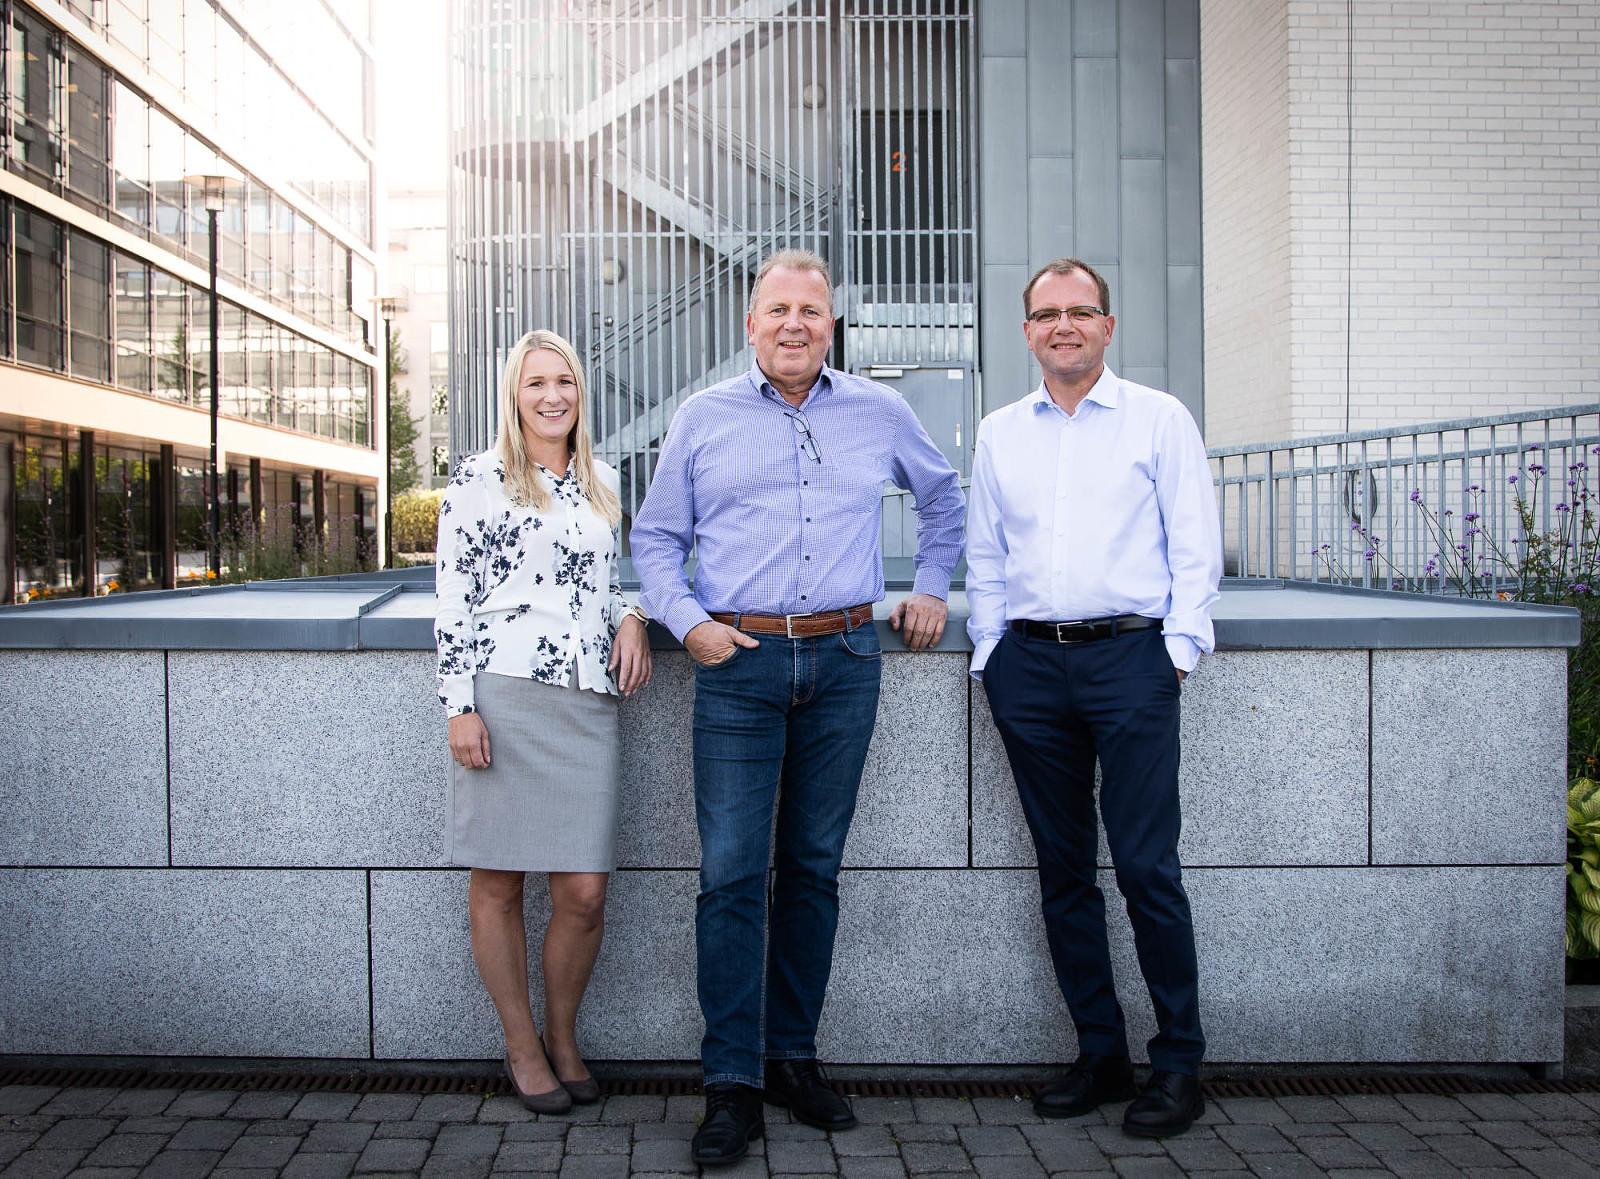 Firmabilde av tre ansatte